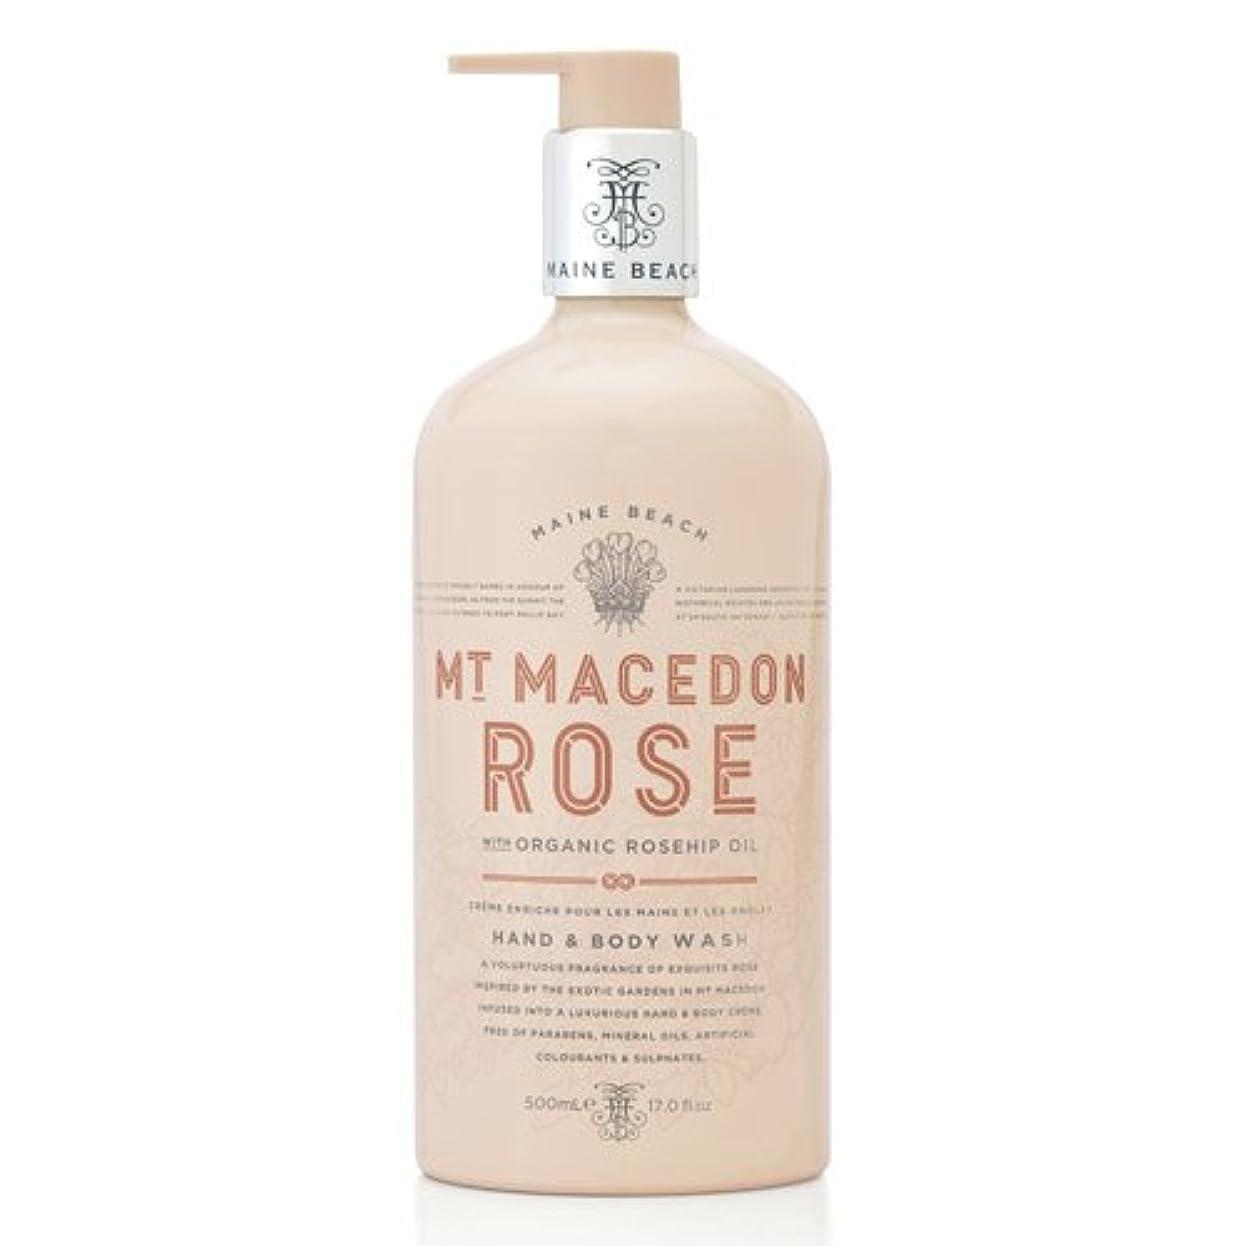 収穫首相証明書MAINE BEACH マインビーチ MT MACEDON ROSE マウント マセドン ローズ ハンド&ボディウォッシュ